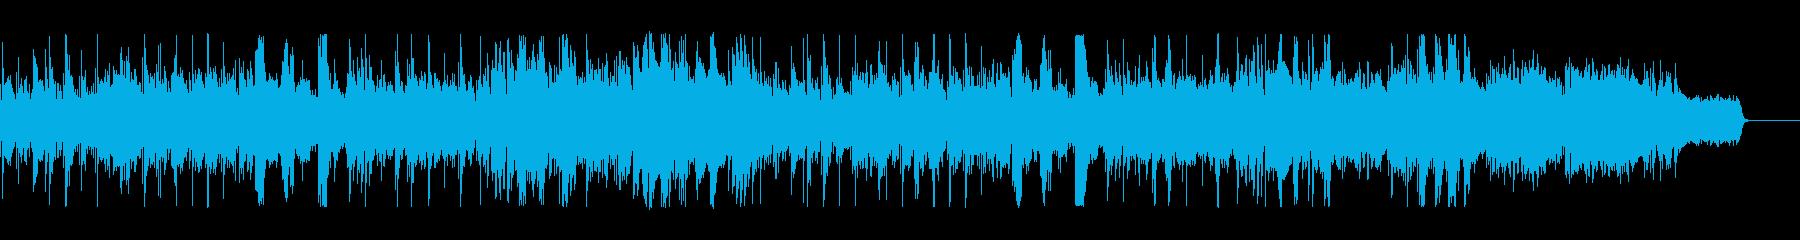 動画 センチメンタル 技術的な 感...の再生済みの波形